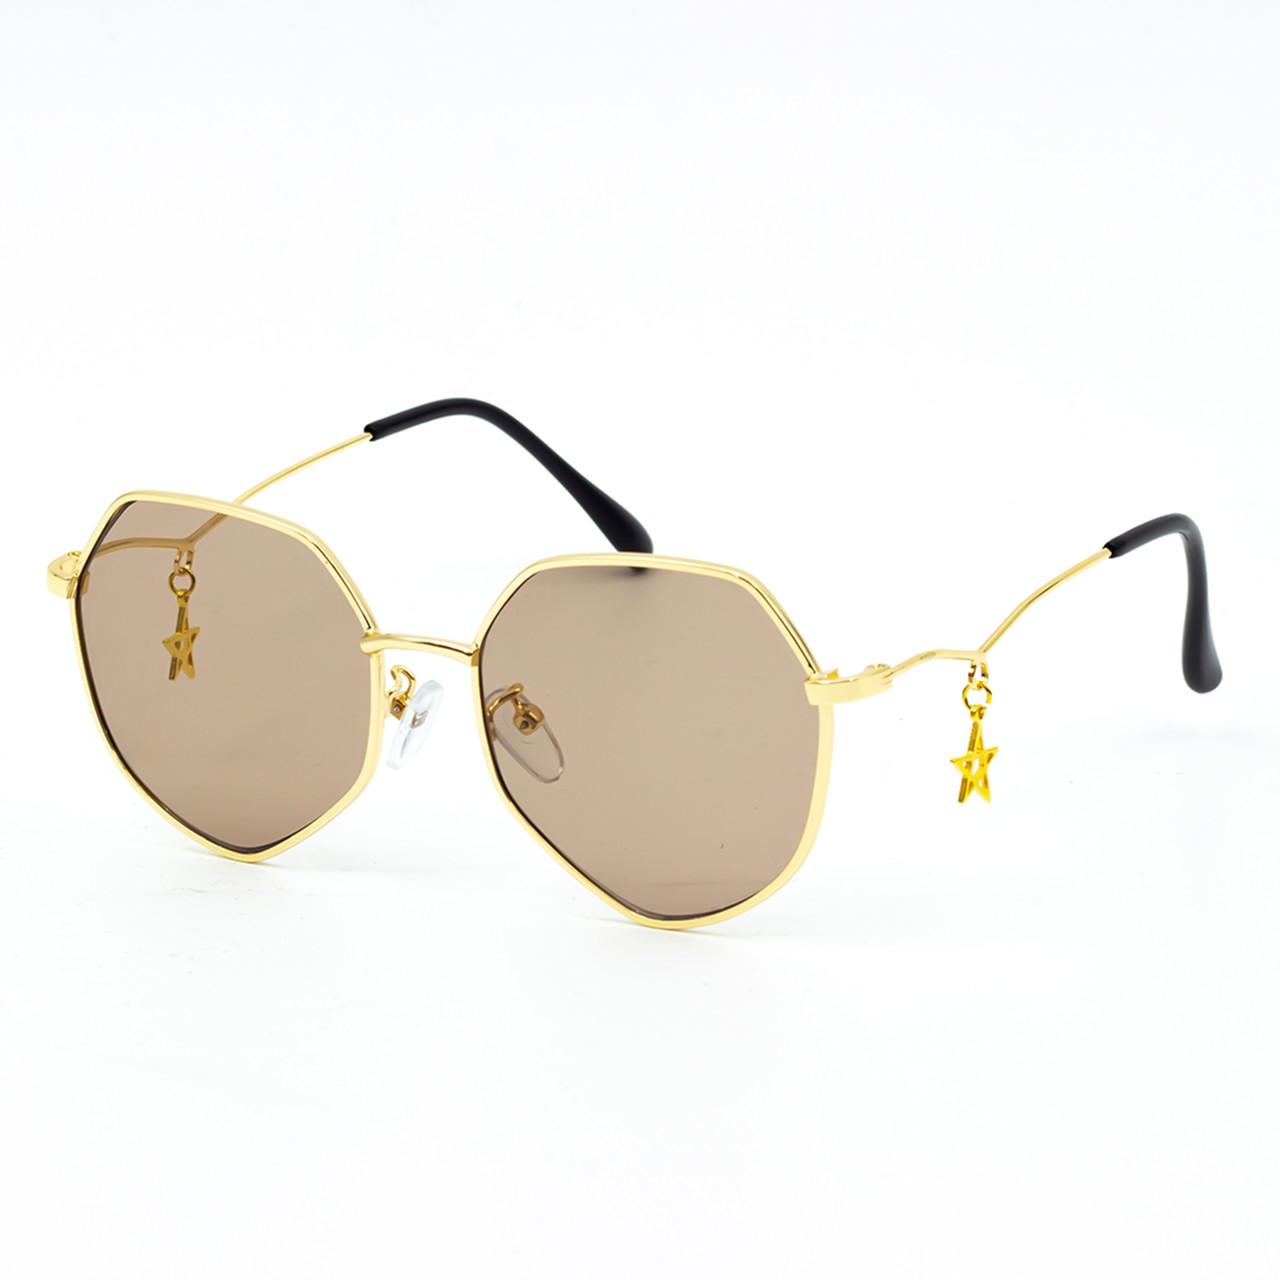 Солнцезащитные очки Marmilen 82020 коричневые      ( AI82020-02 )